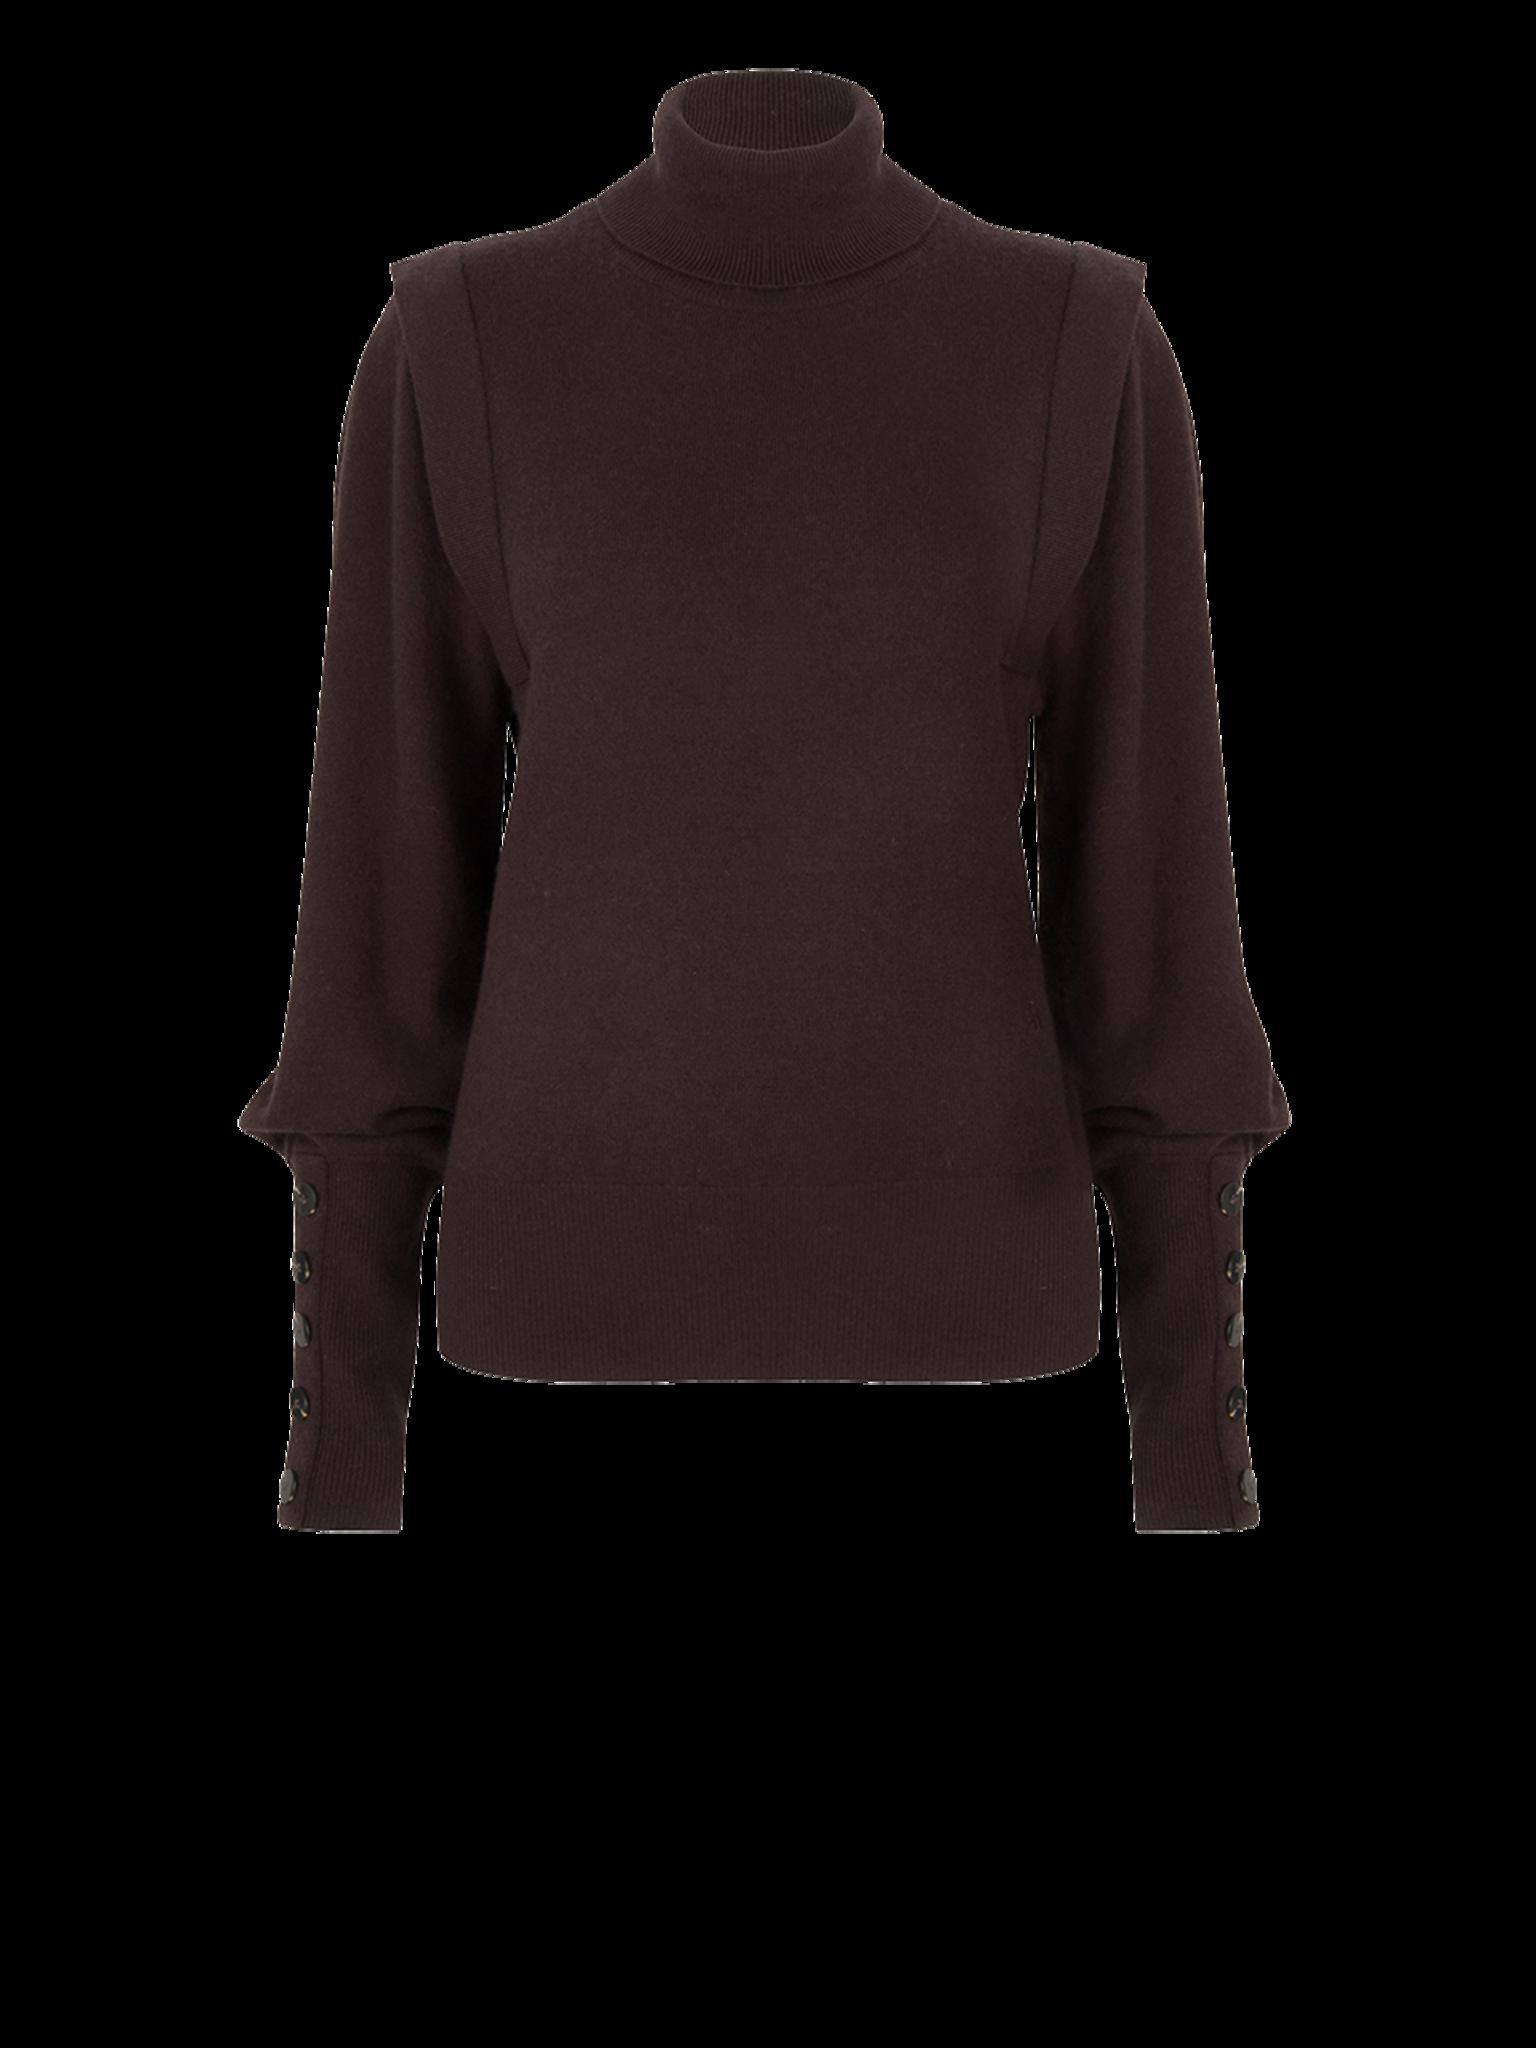 Dante 6 sweater 204407 QUENTIN-1